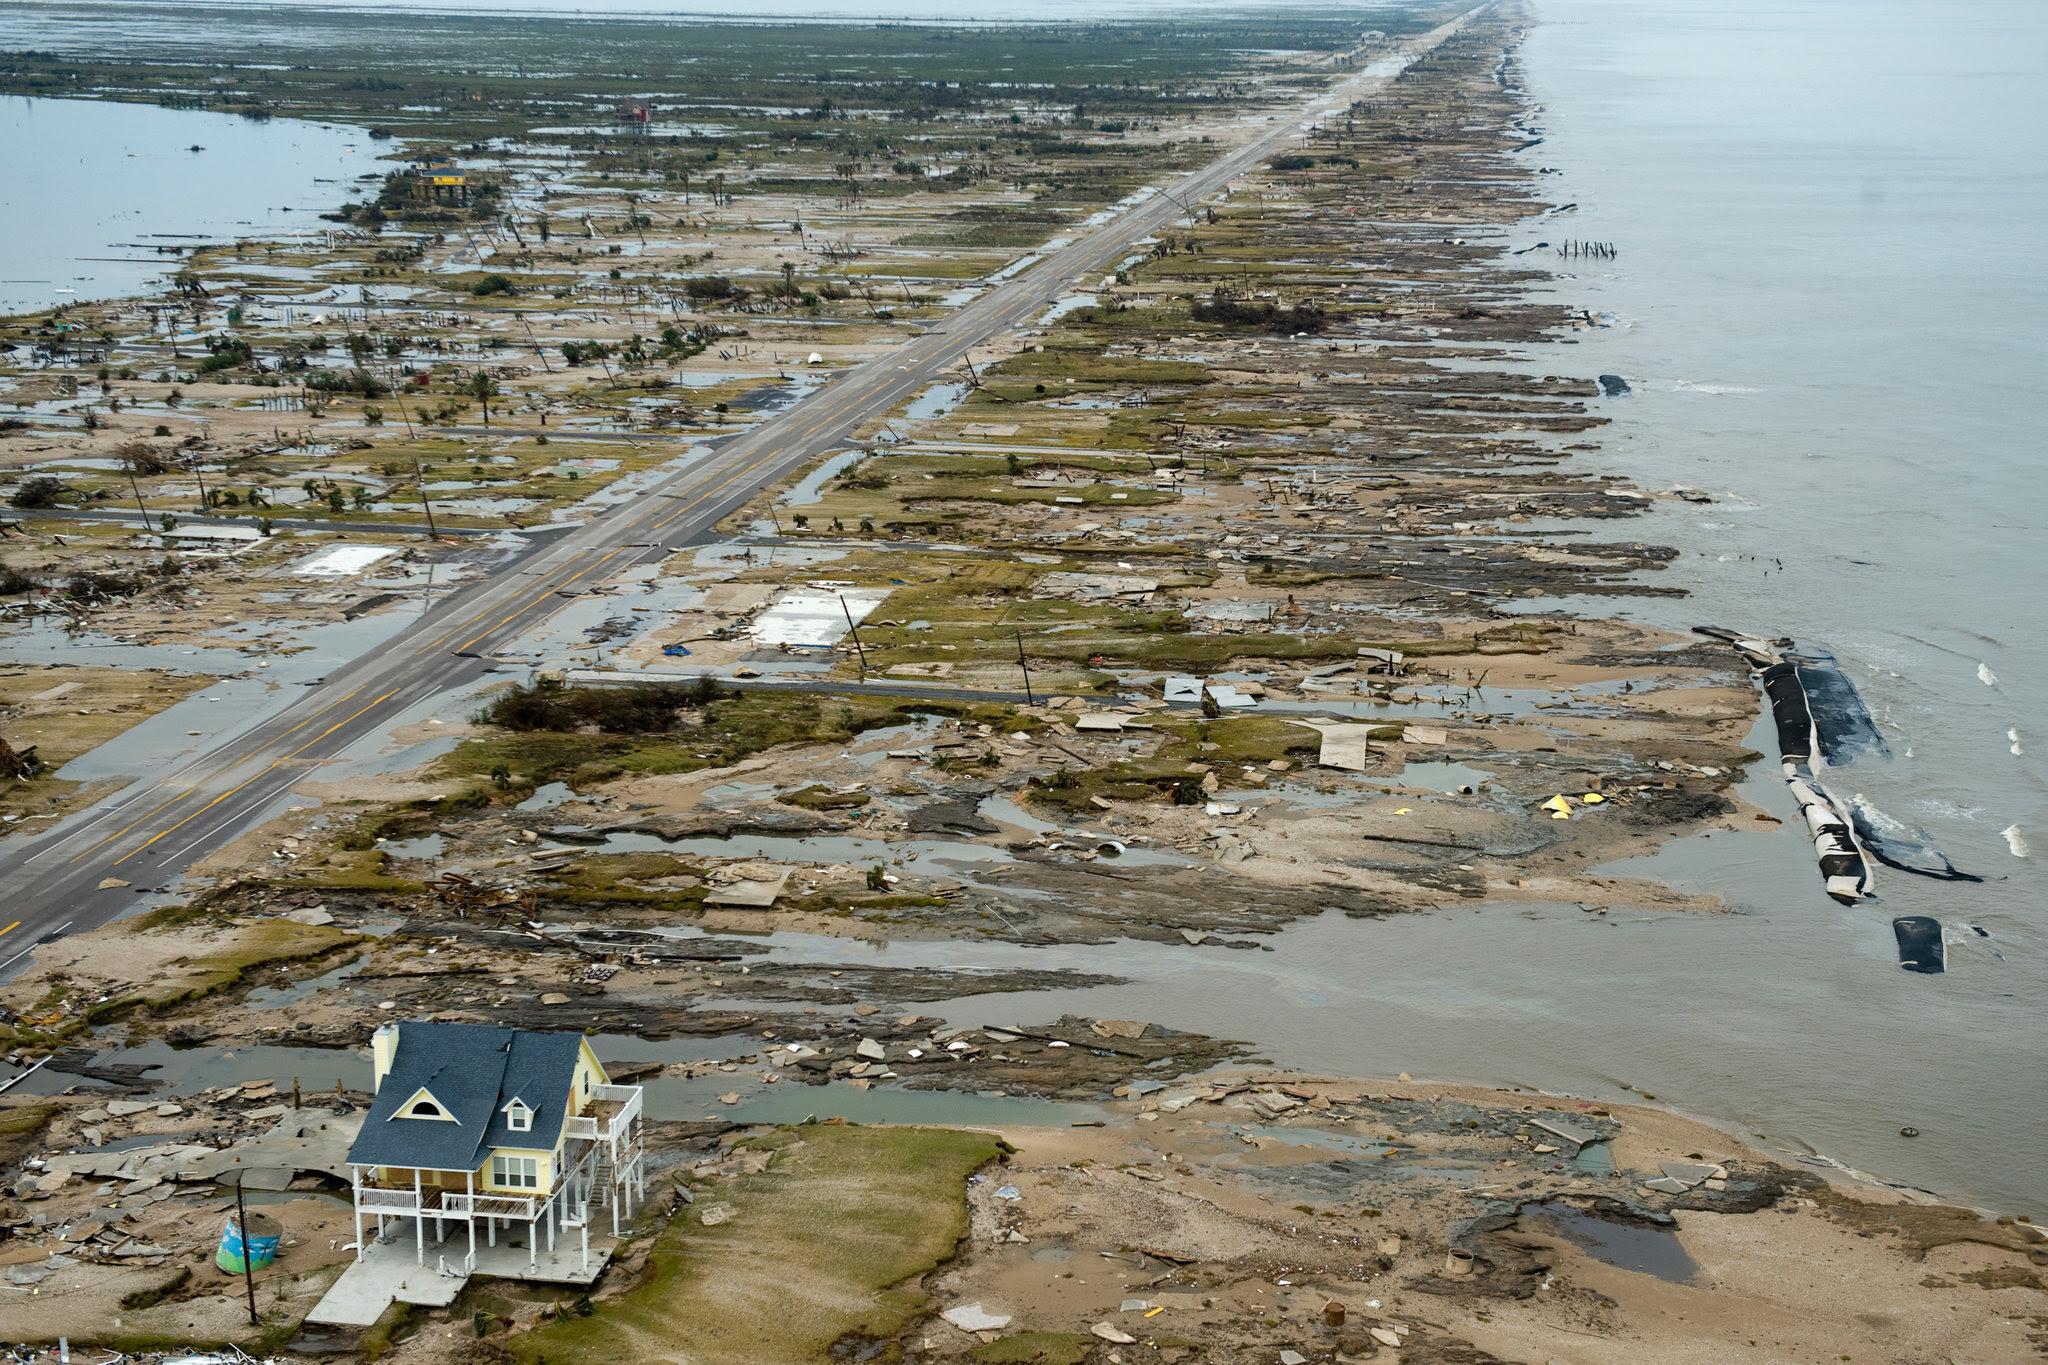 houston ouragan Doom, houston pas prêt pour la prochaine grosse tempête, quand le prochain ouragan frappe le texas, quand le prochain ouragan frappe houston, ouragan houston prêt, prochain ouragan de Houston pourrait être dévastateur